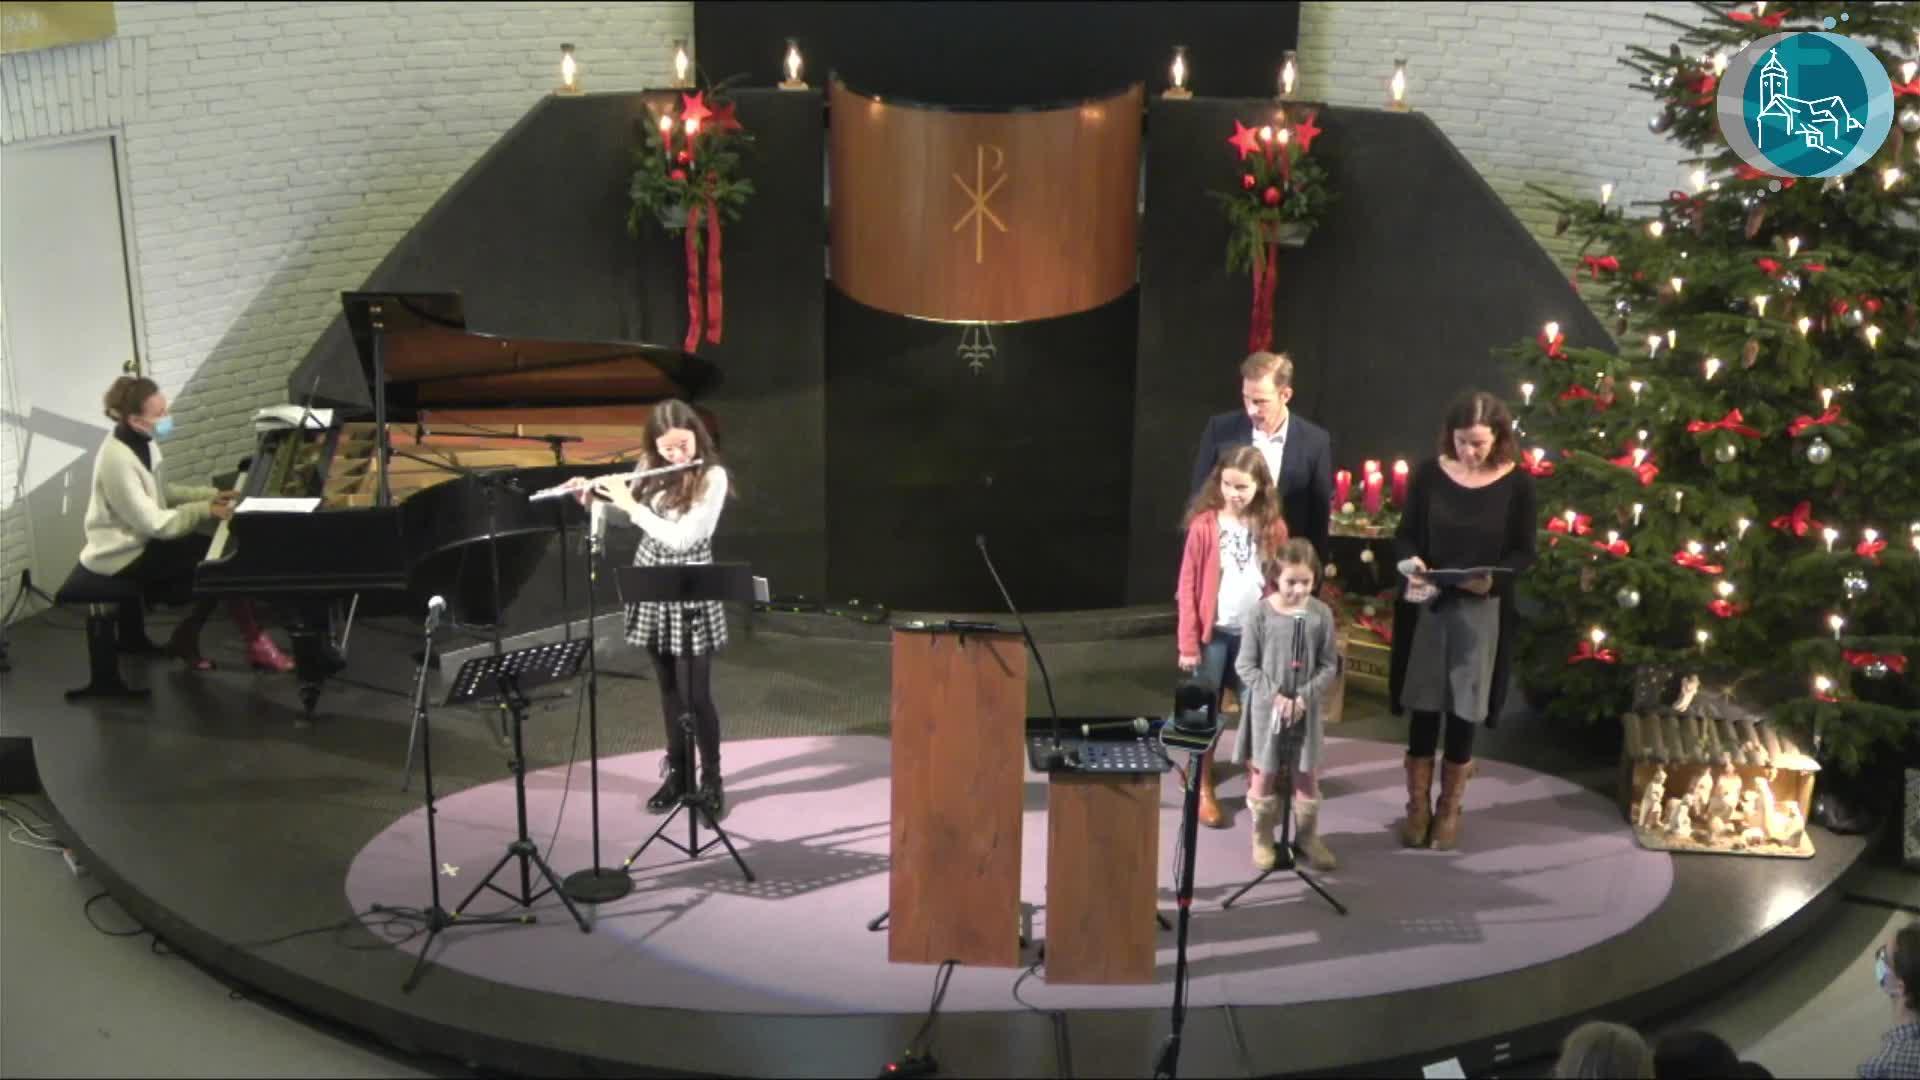 14:30 Uhr - Weihnachtsgottesdienst am 24. Dezember - Livestream aus der Christuskirche Altona